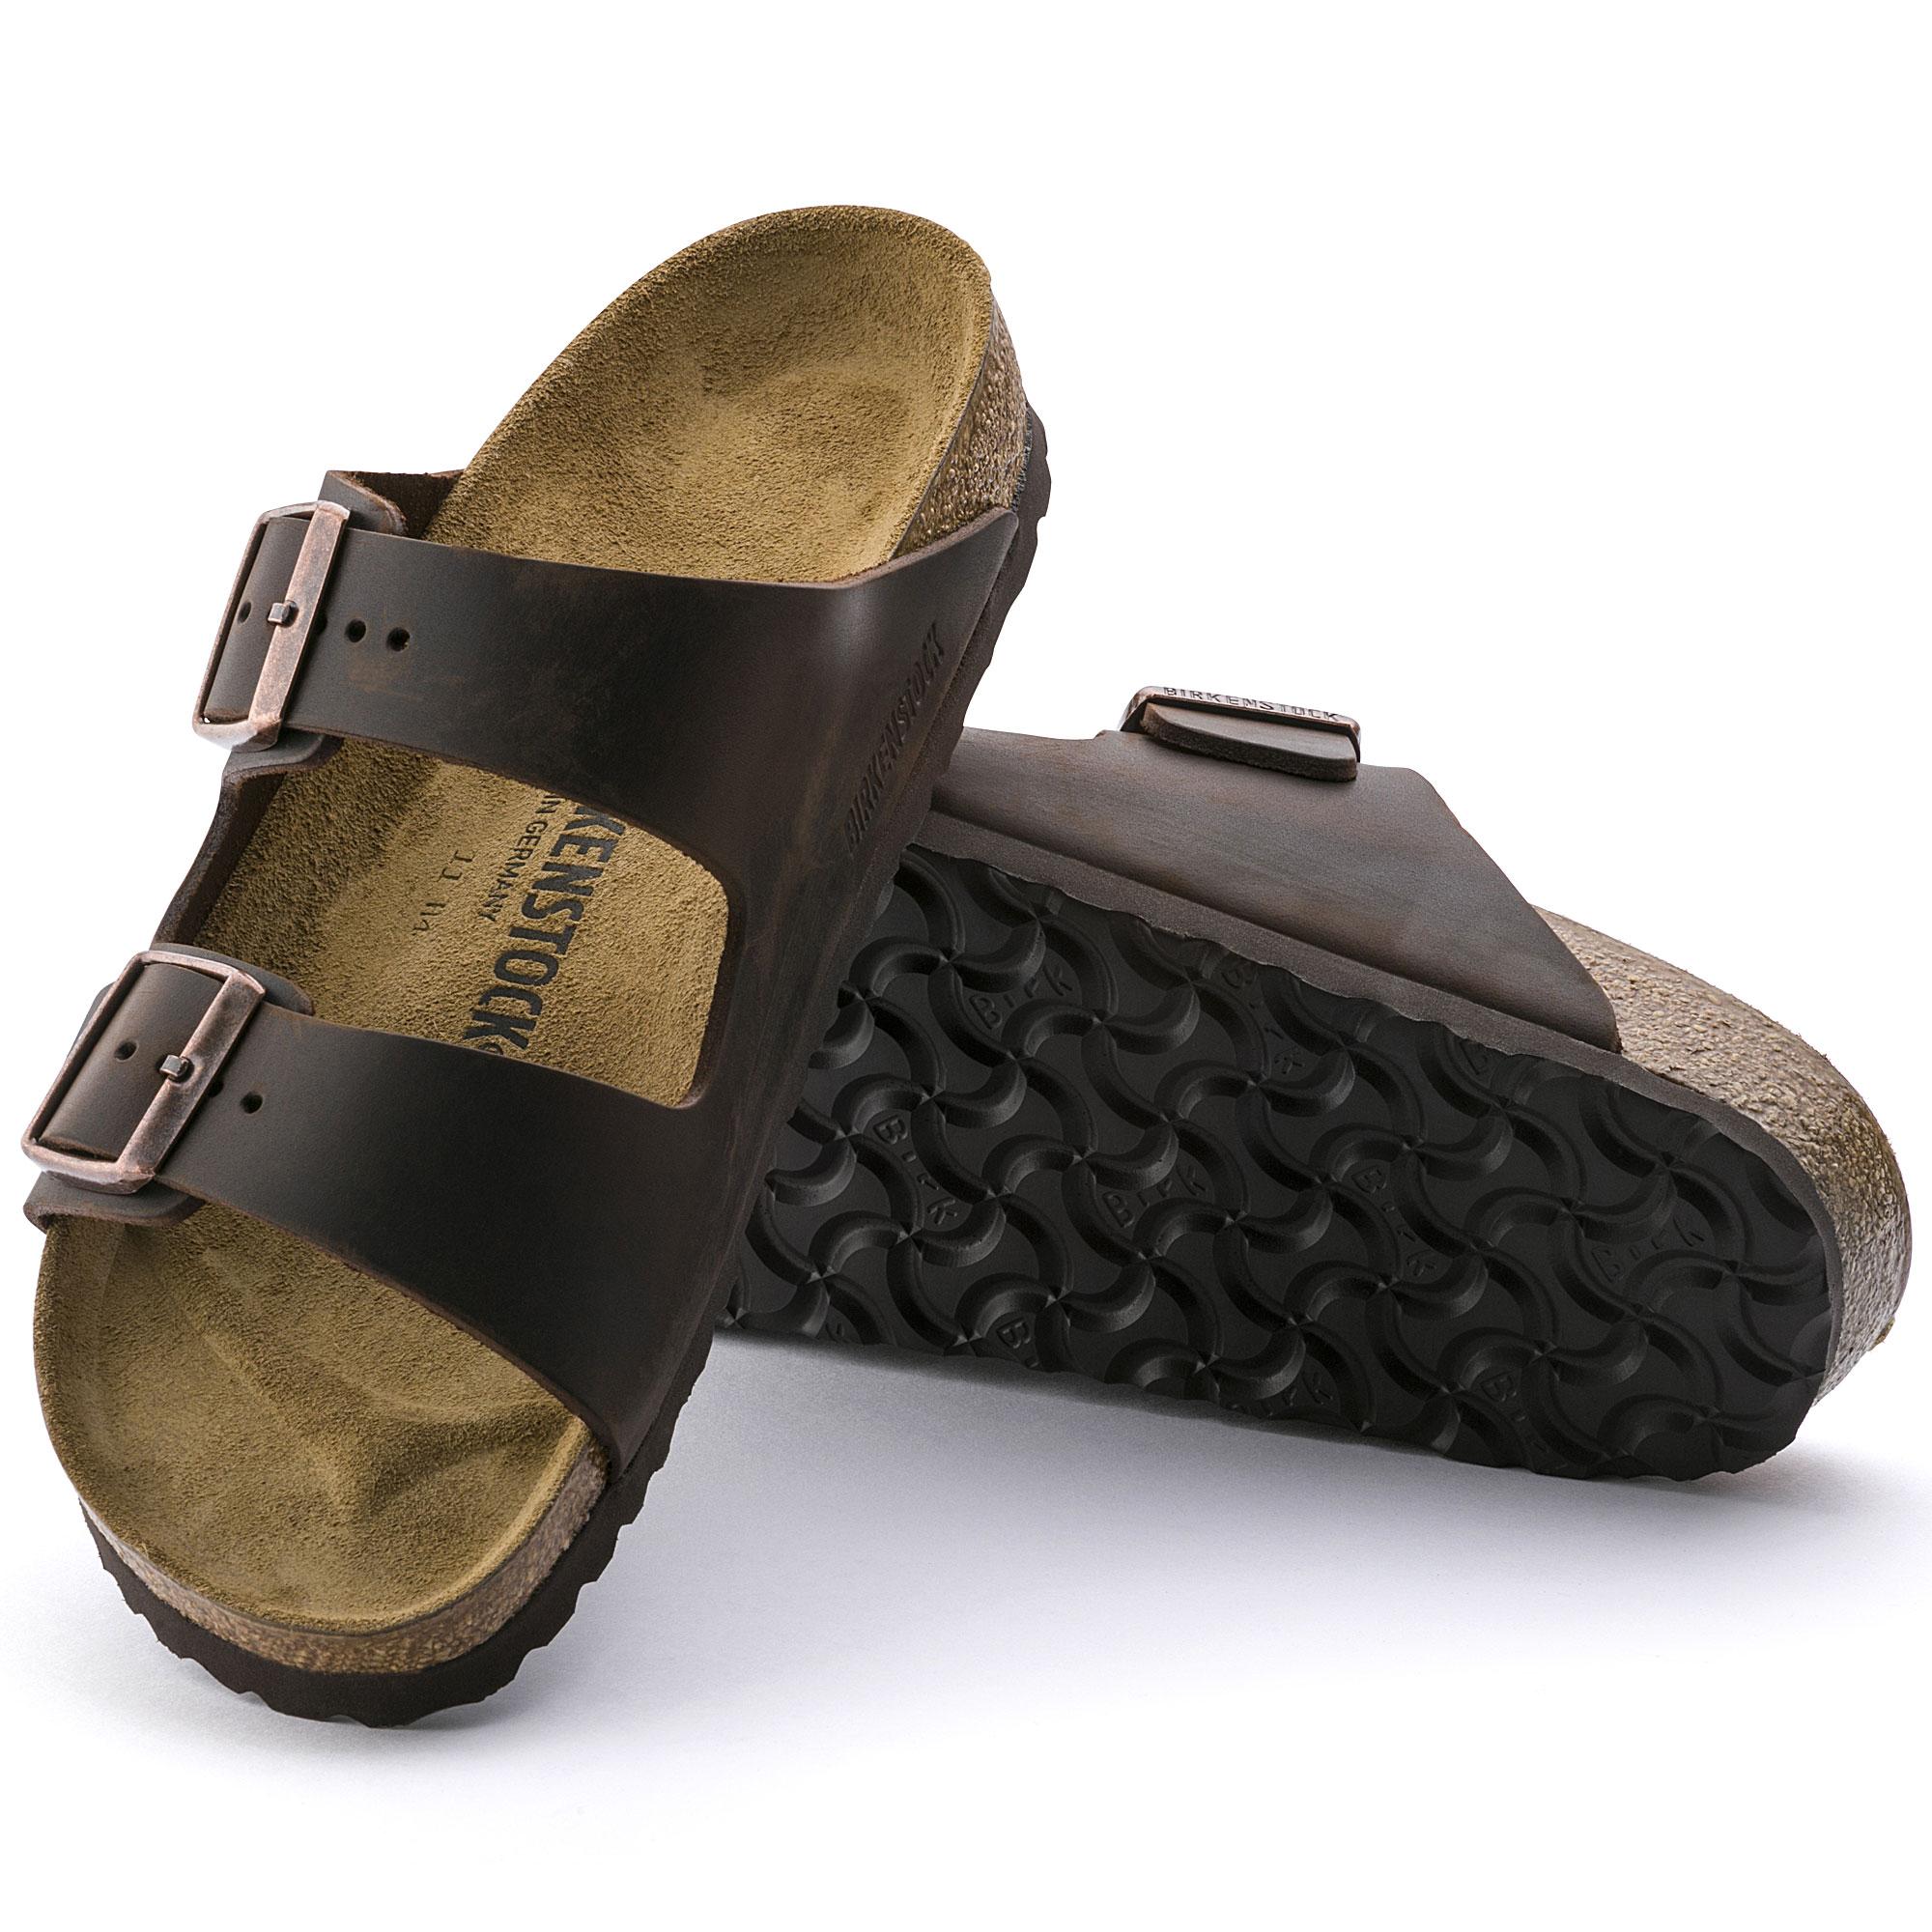 3d4e2ea4f5c1 ... Arizona Oiled Leather Habana ...